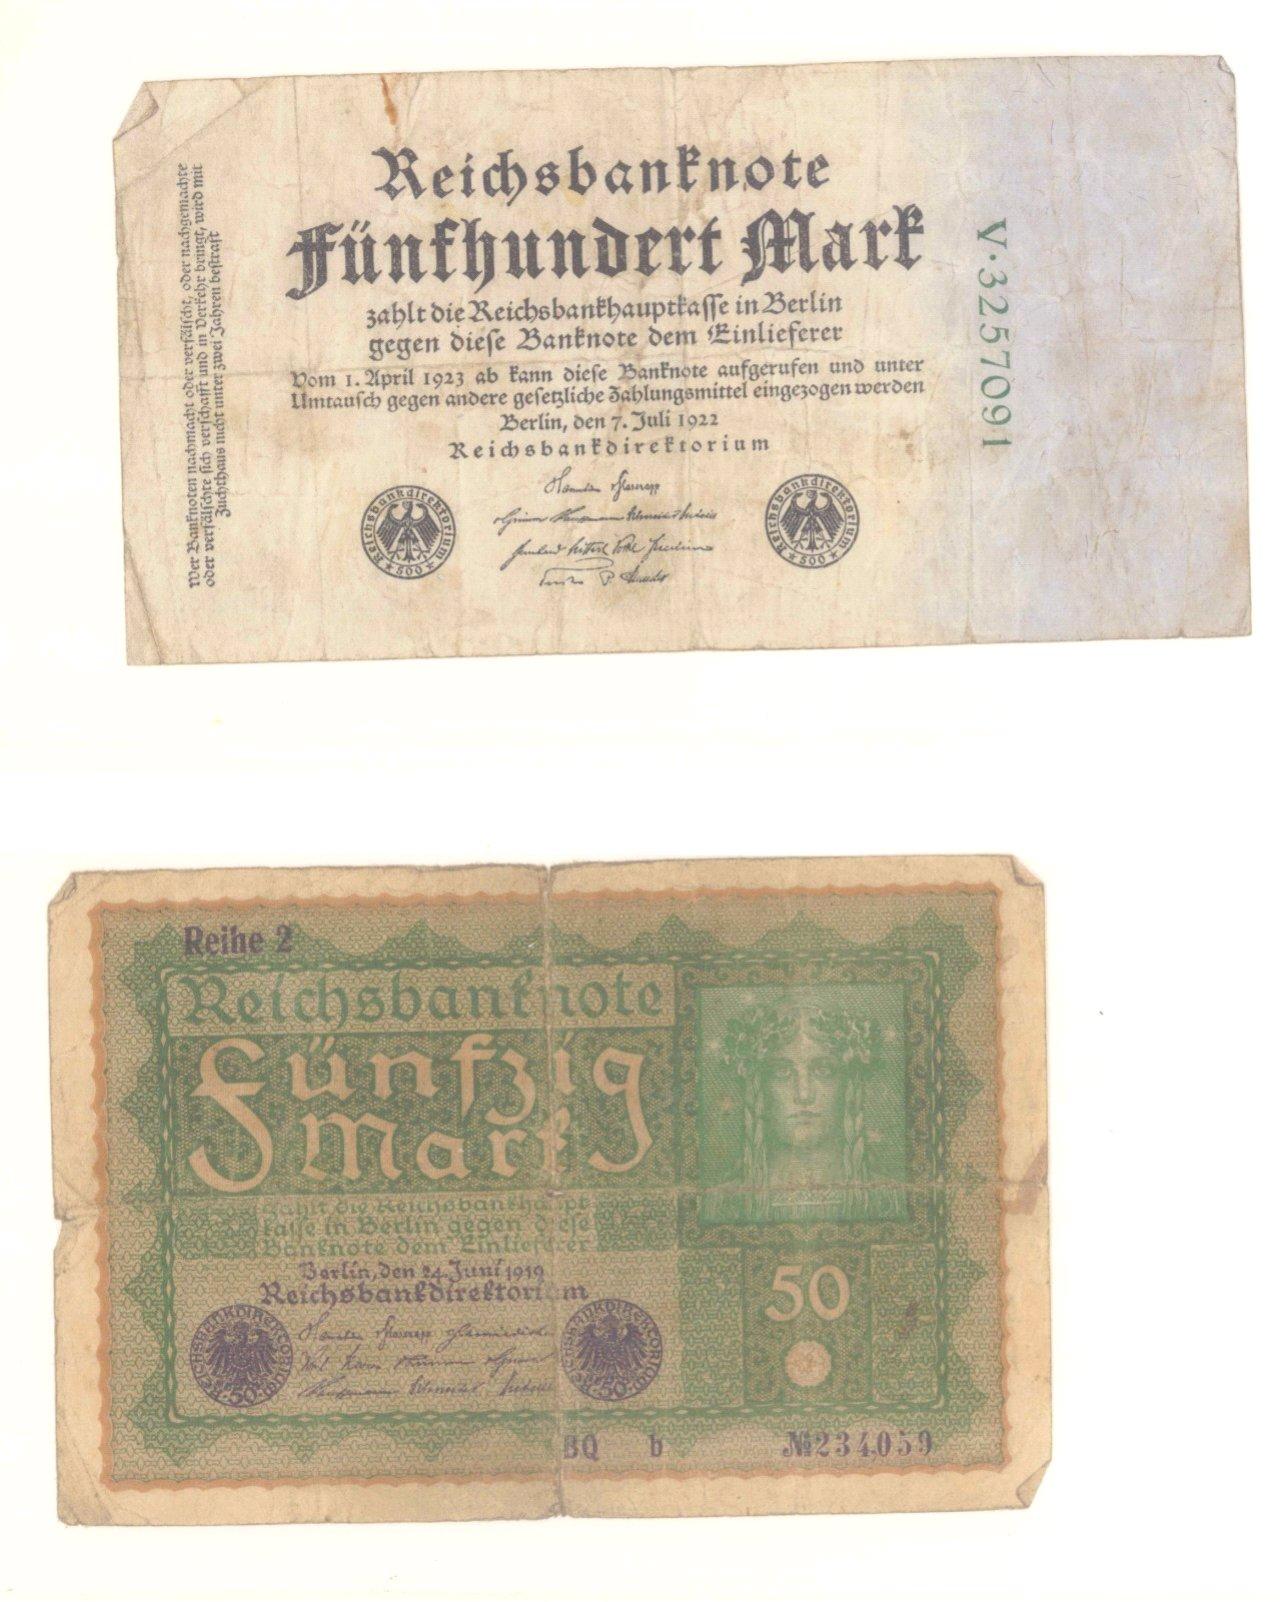 Banknoten, Notgeld, Belege-7